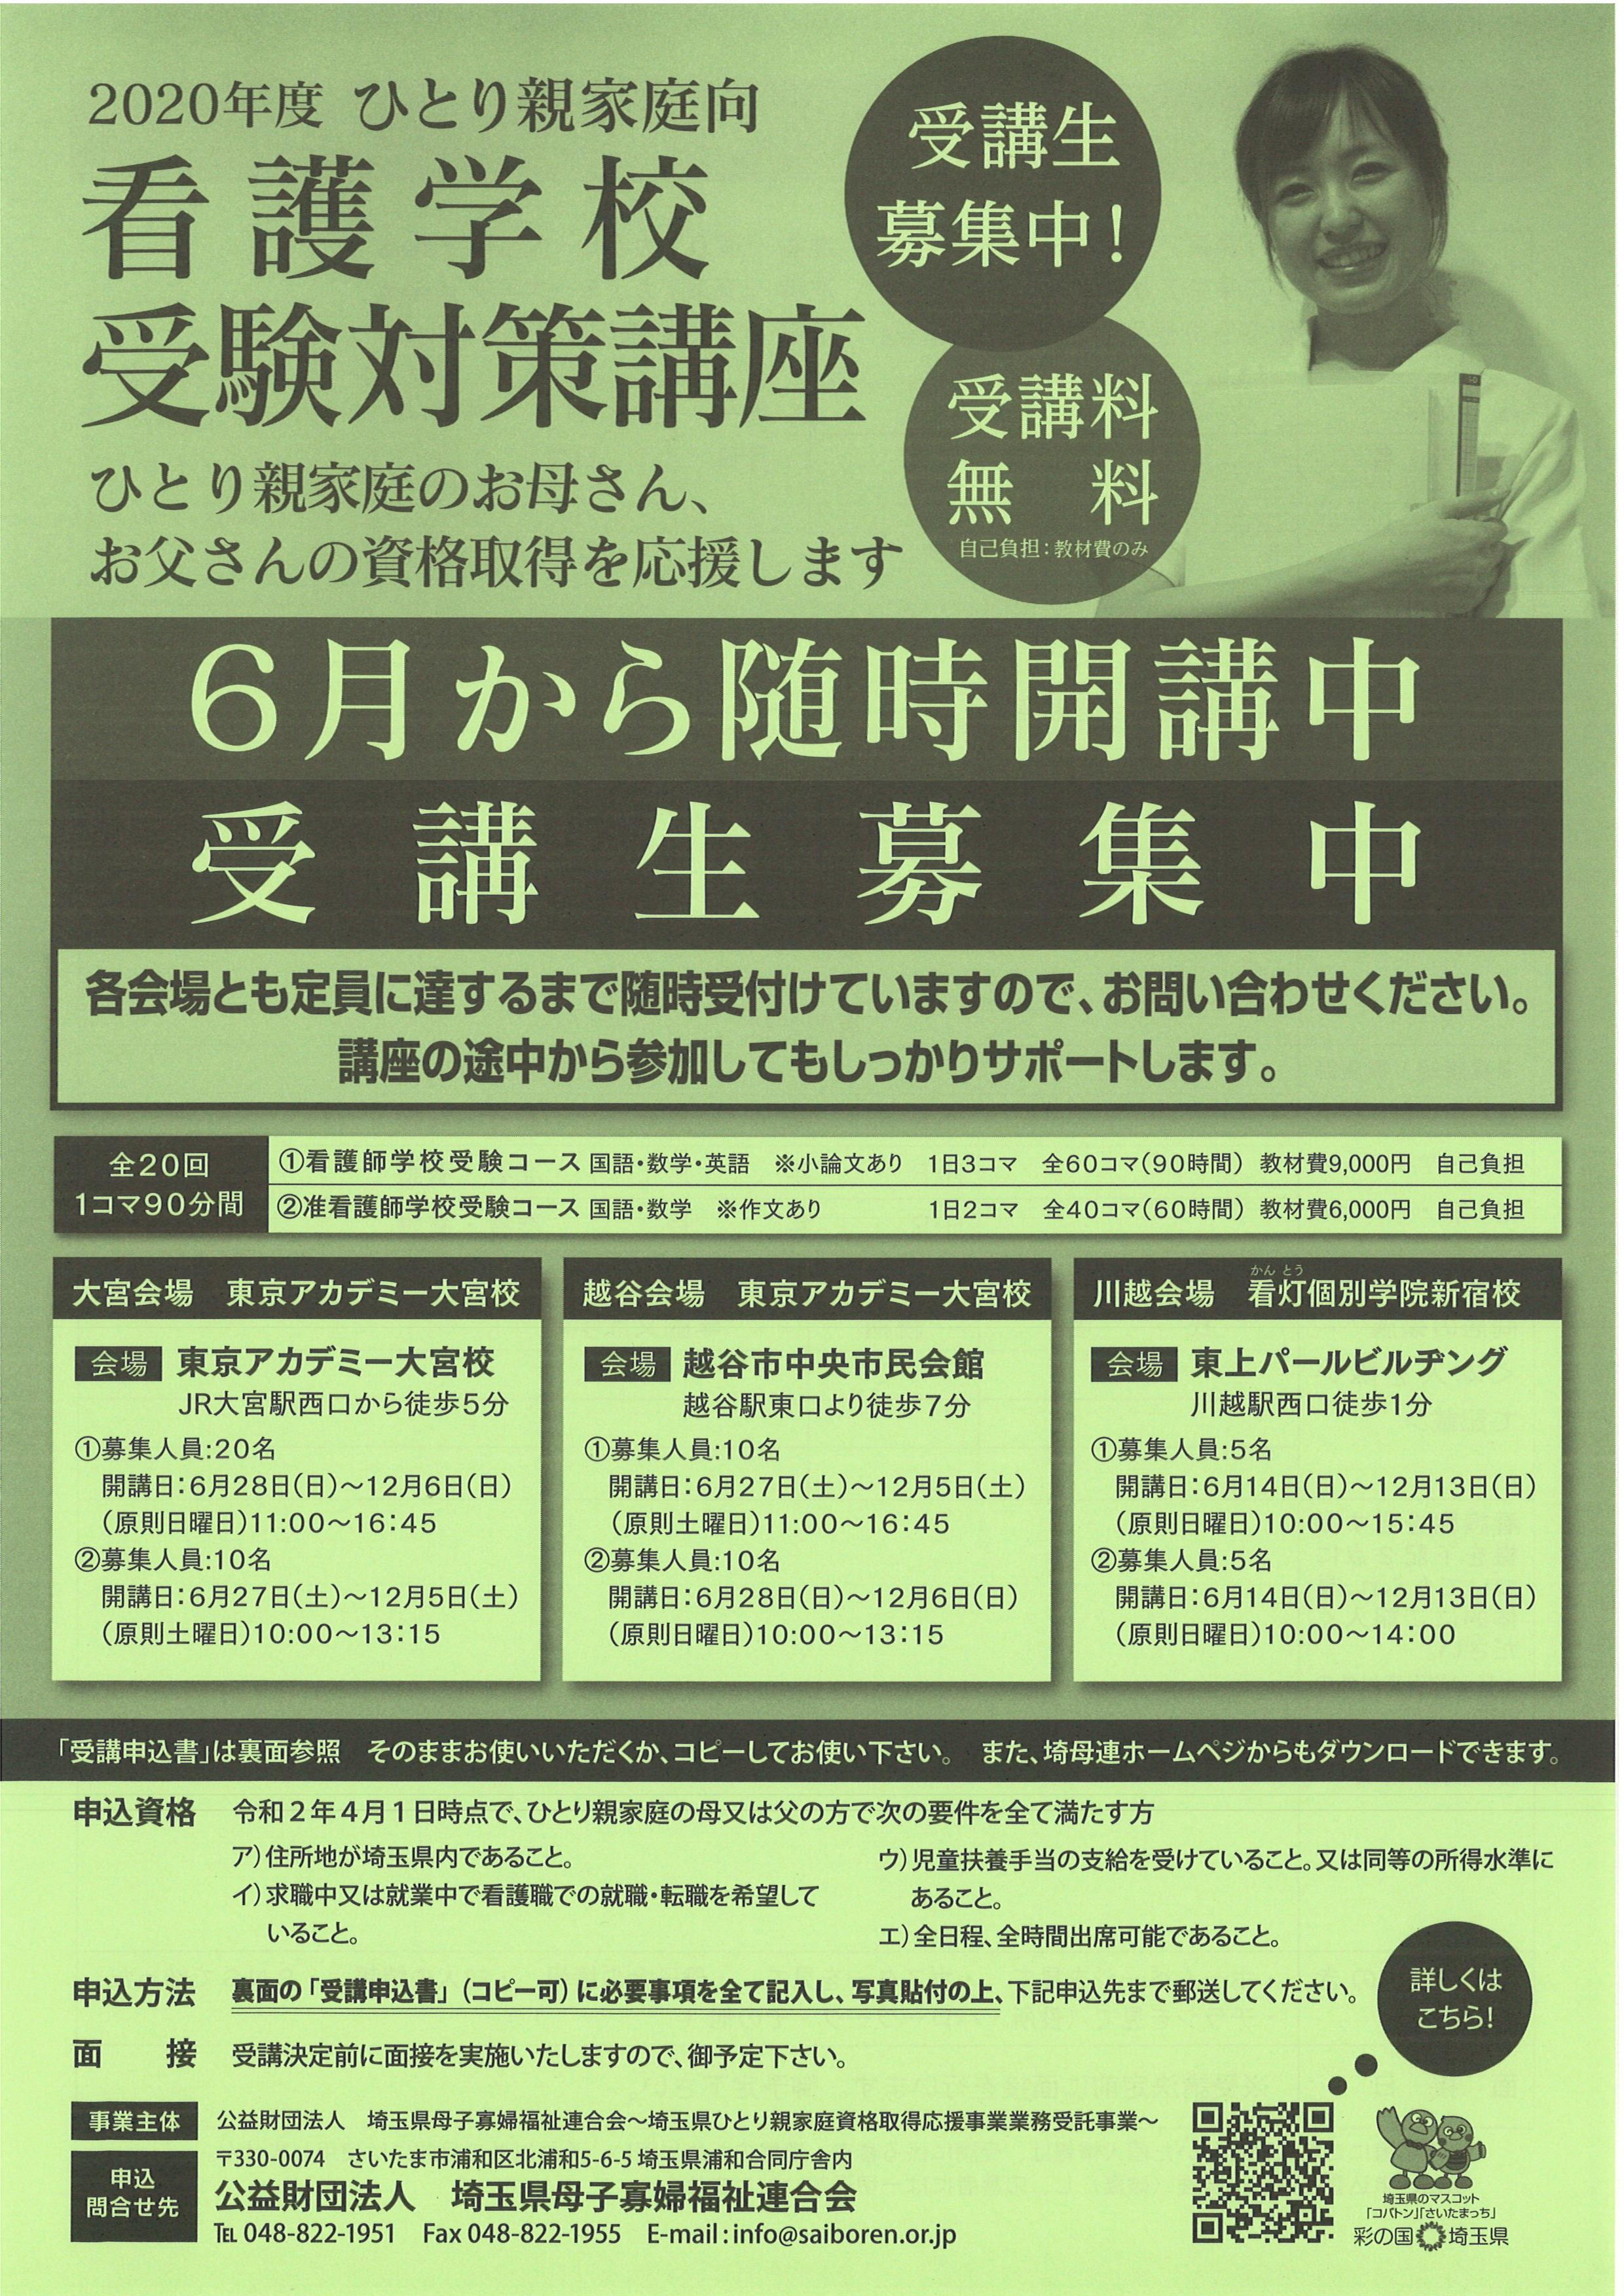 円 川口 給付 10 万 市